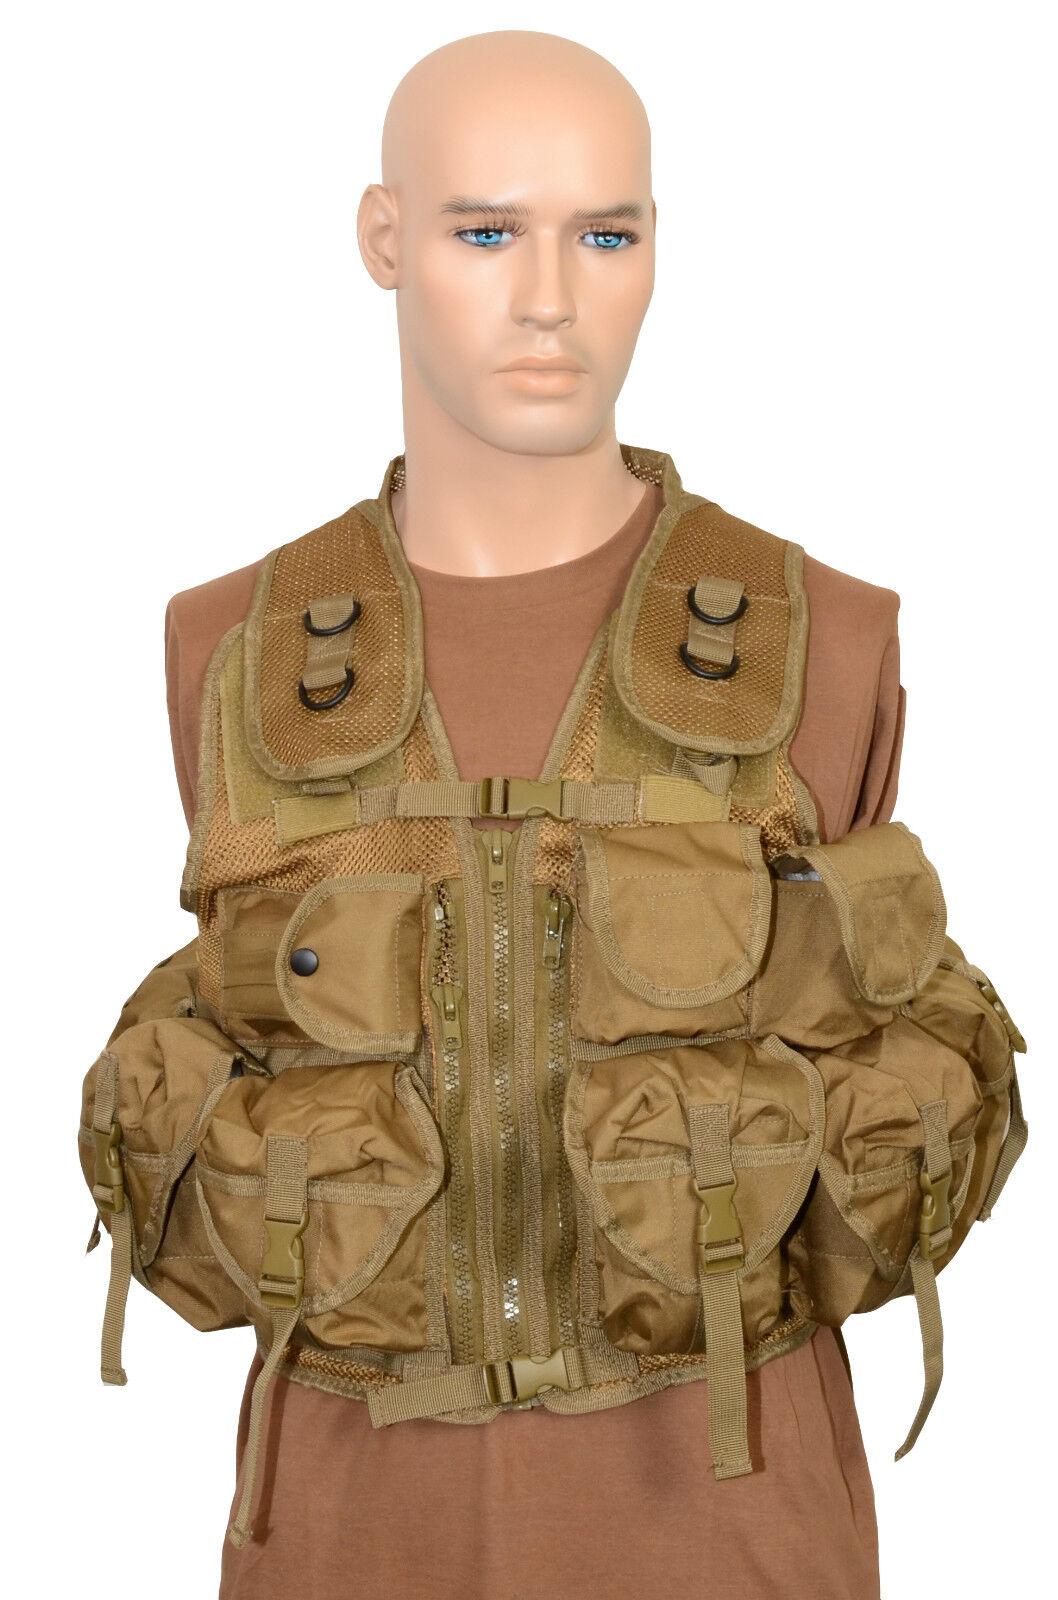 9 TASCHE Coyote Taktisch Assault Weste Khaki Rigg Armee Military Munition